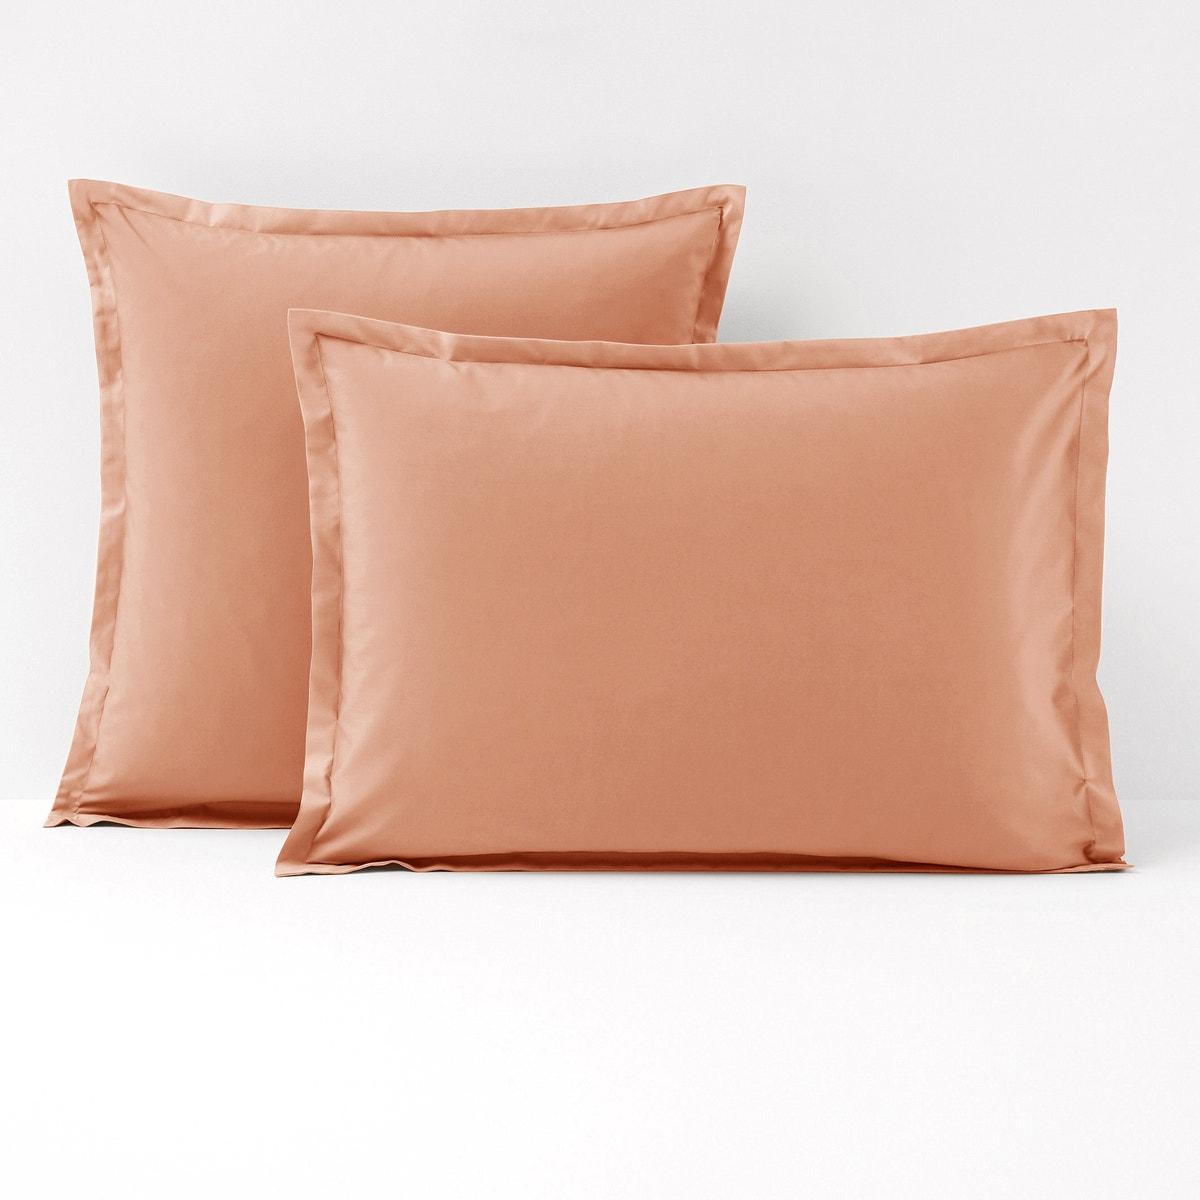 Funda de almohada lisa de percal de algodón